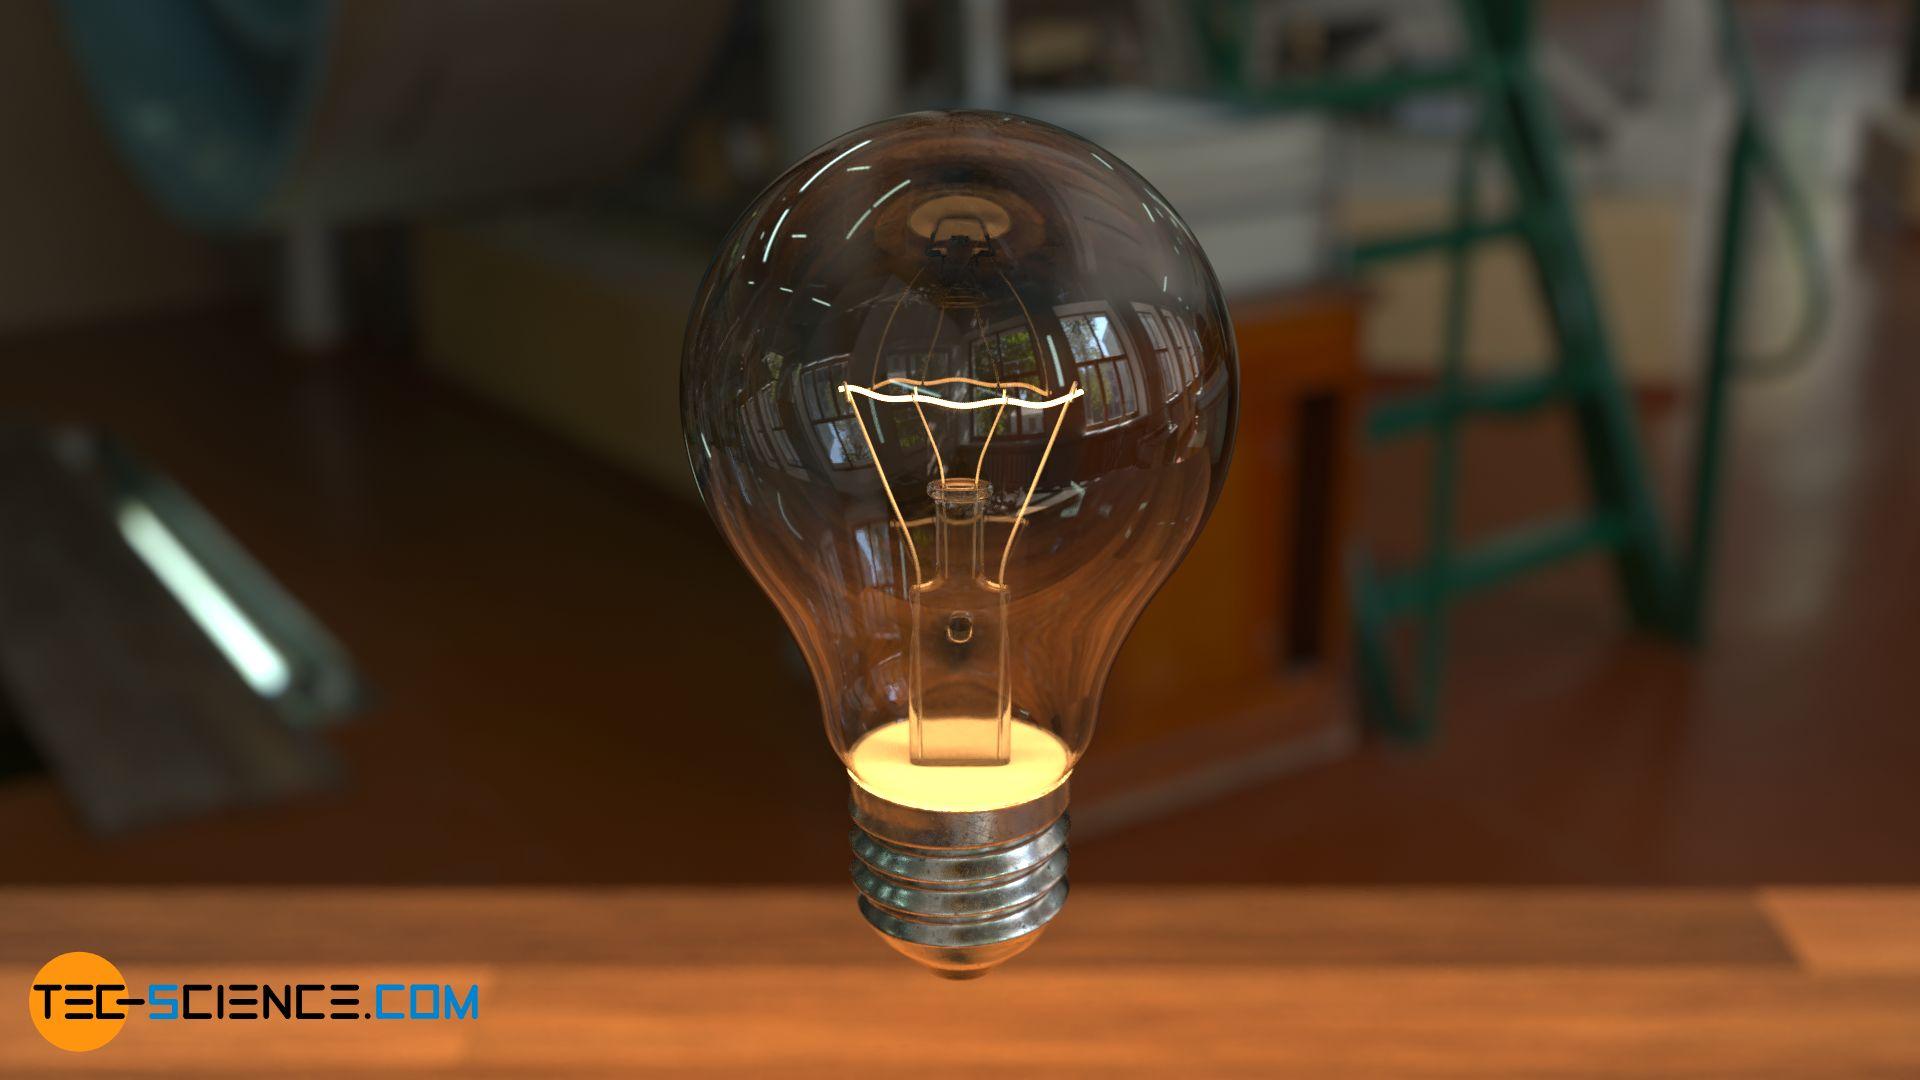 Sichtbare Strahlung einer Glühbirne